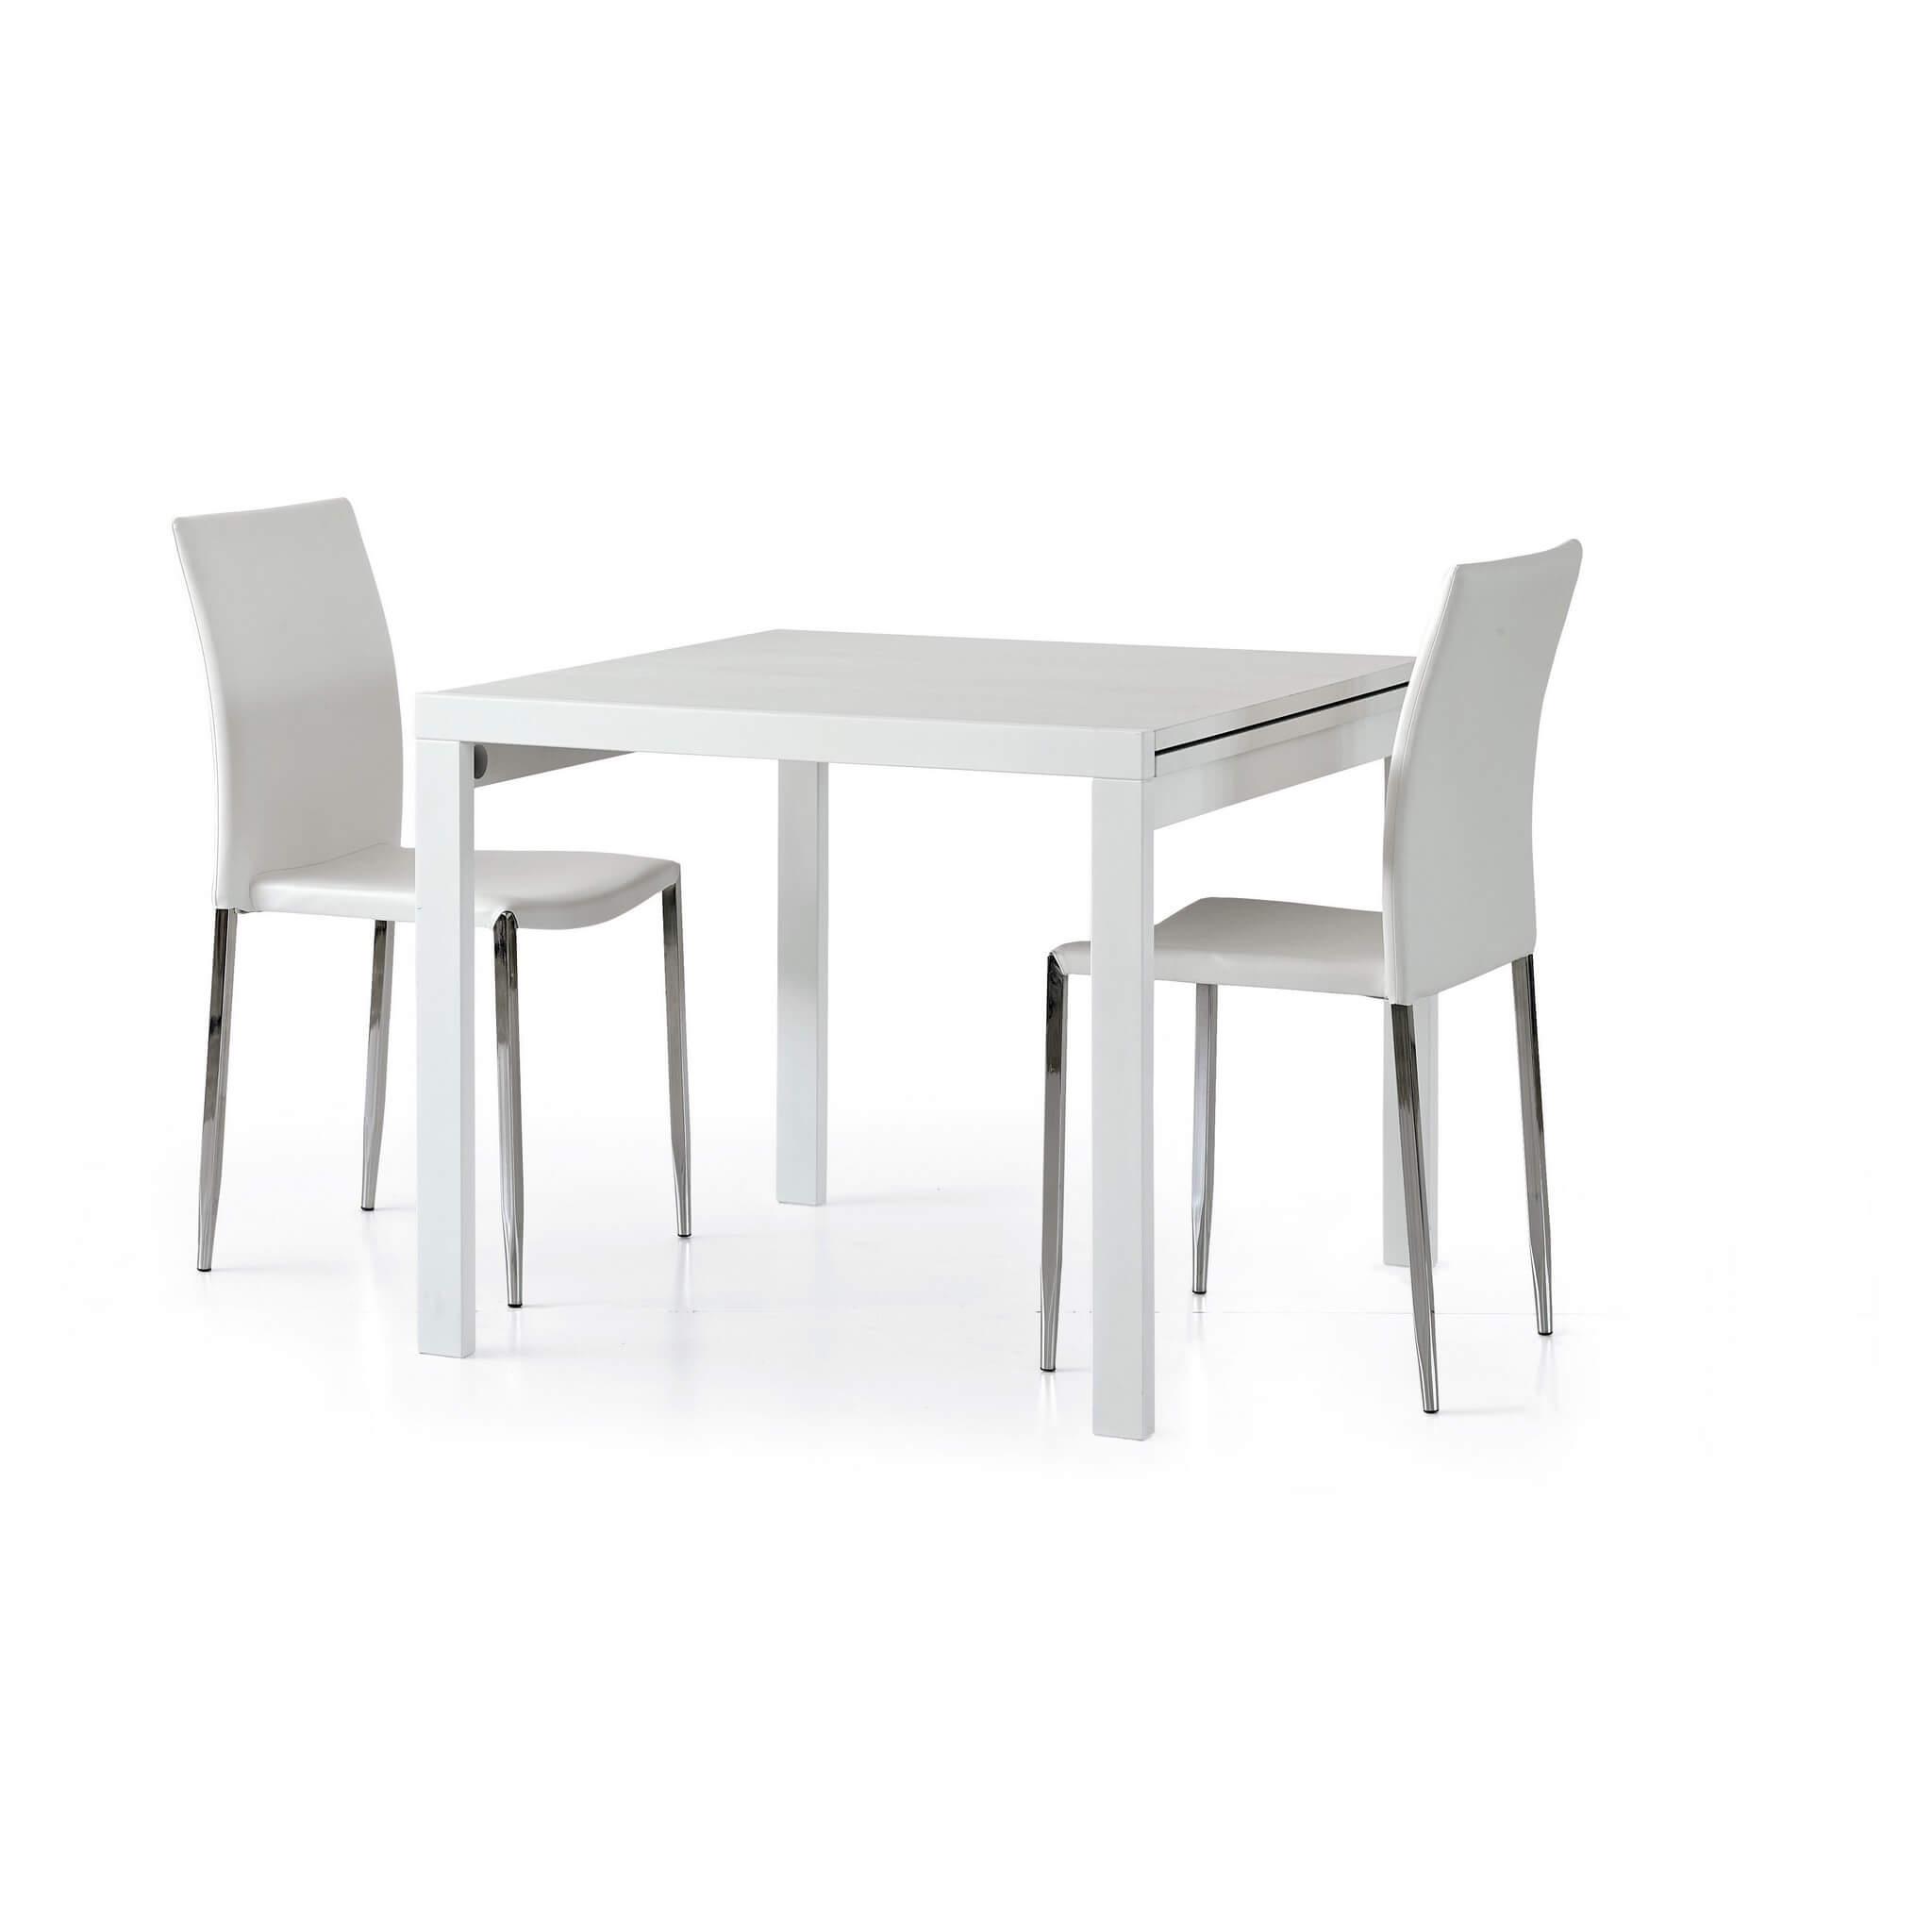 milani home meyer - tavolo da pranzo moderno allungabile a libro frassinato 90 x 90/180